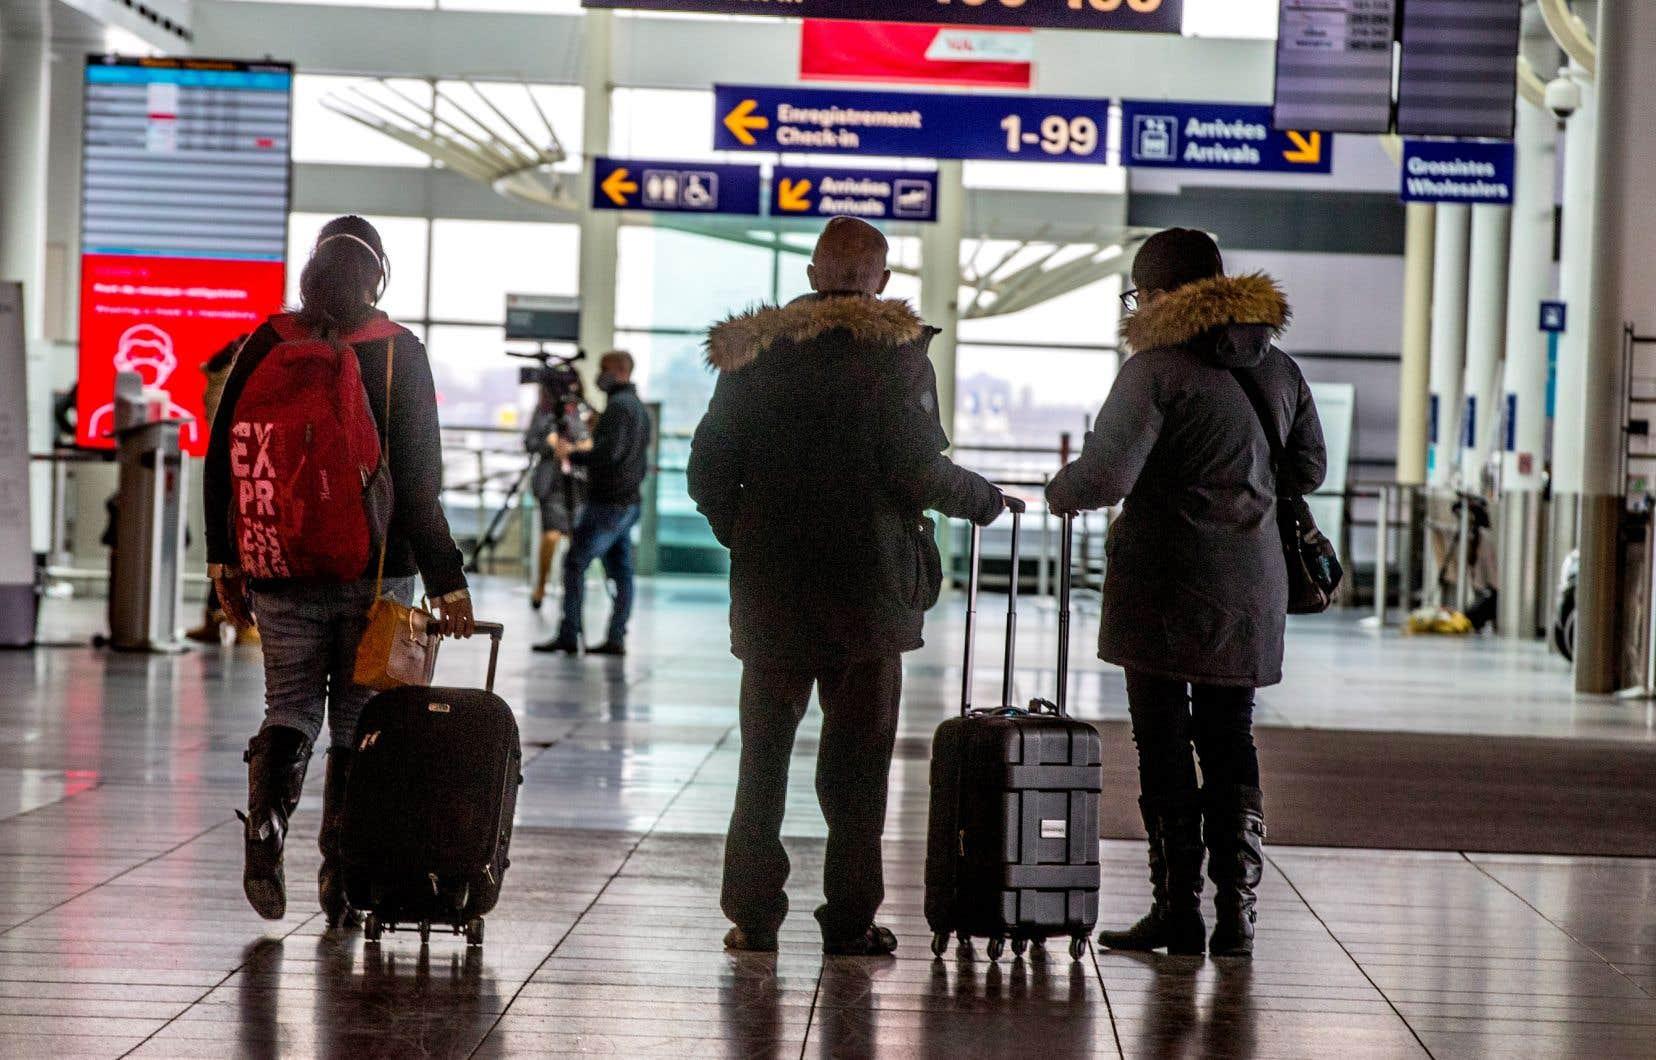 En attendant d'obtenir une entente sur le projet de loi du gouvernement libéral, Ottawa a modifié il y a deux semaines le processus de réclamation de la PCMRE, obligeant les demandeurs à indiquer si la quarantaine pour laquelle ils demandent une indemnité découle d'un voyage. Dans l'affirmative, le traitement de leur demande est suspendu.